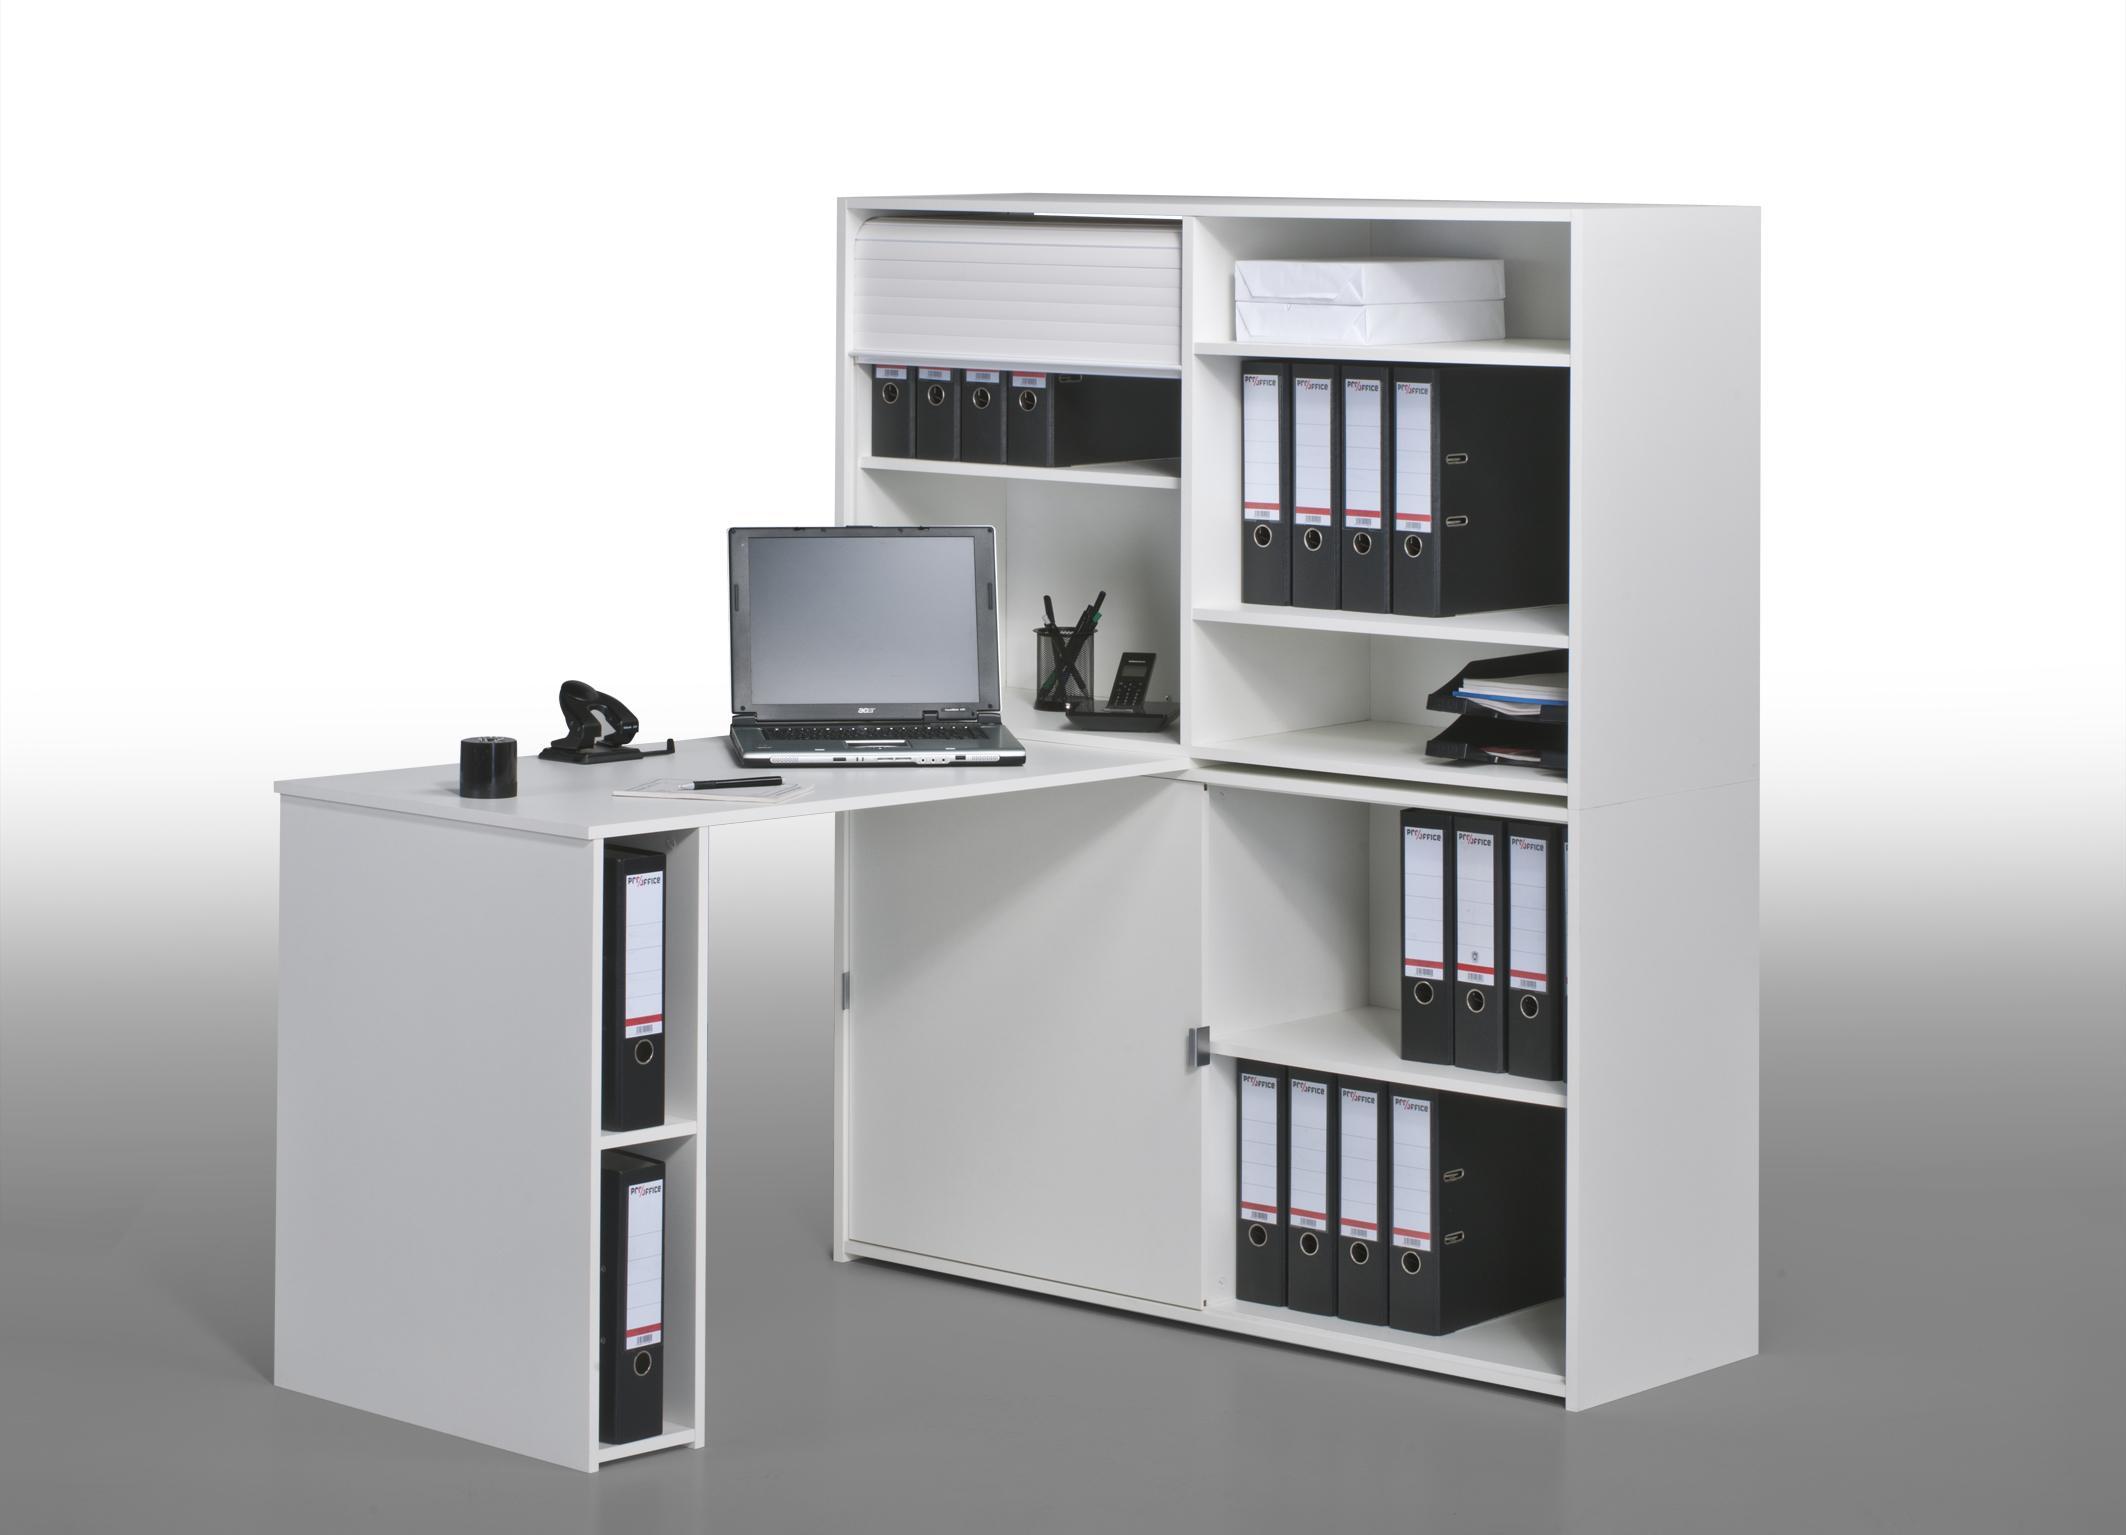 Bureau informatique contemporain avec rangement chêne blanc Ornella